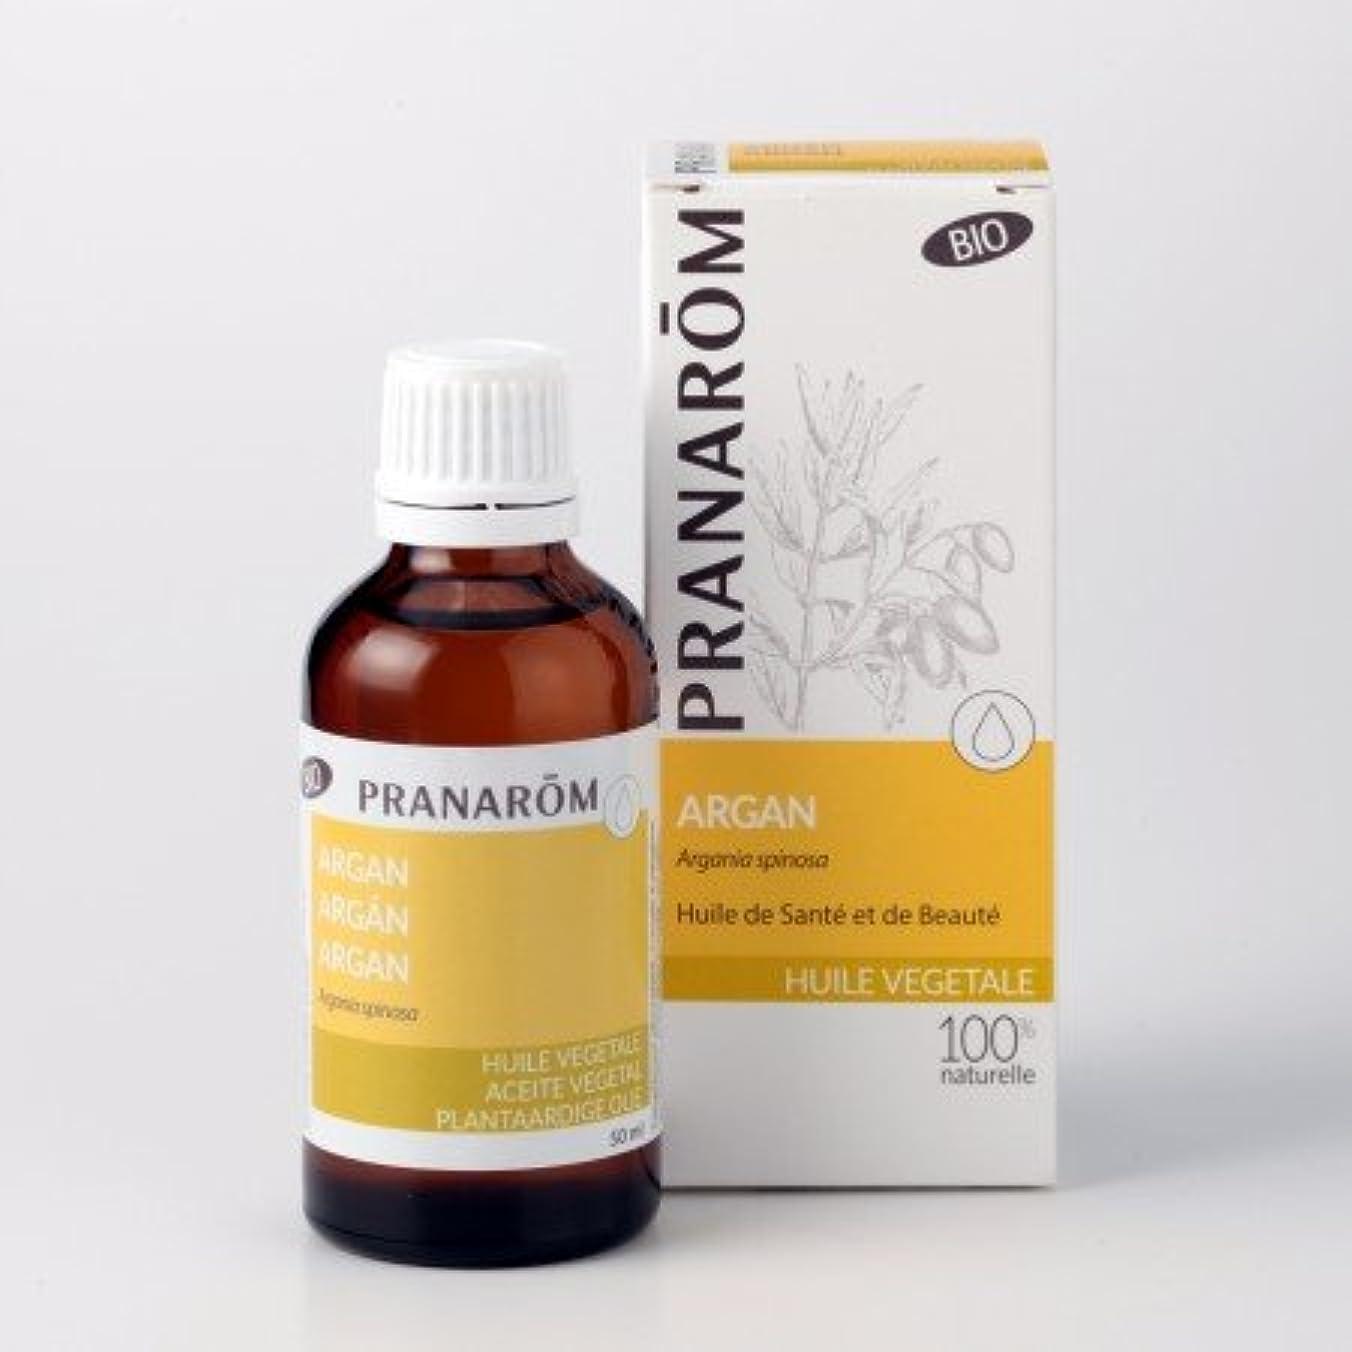 泣き叫ぶオーケストラ機密プラナロム ( PRANAROM ) 植物油 アルガン油 50ml 12648 アルガンオイル キャリアオイル ( 化粧油 )